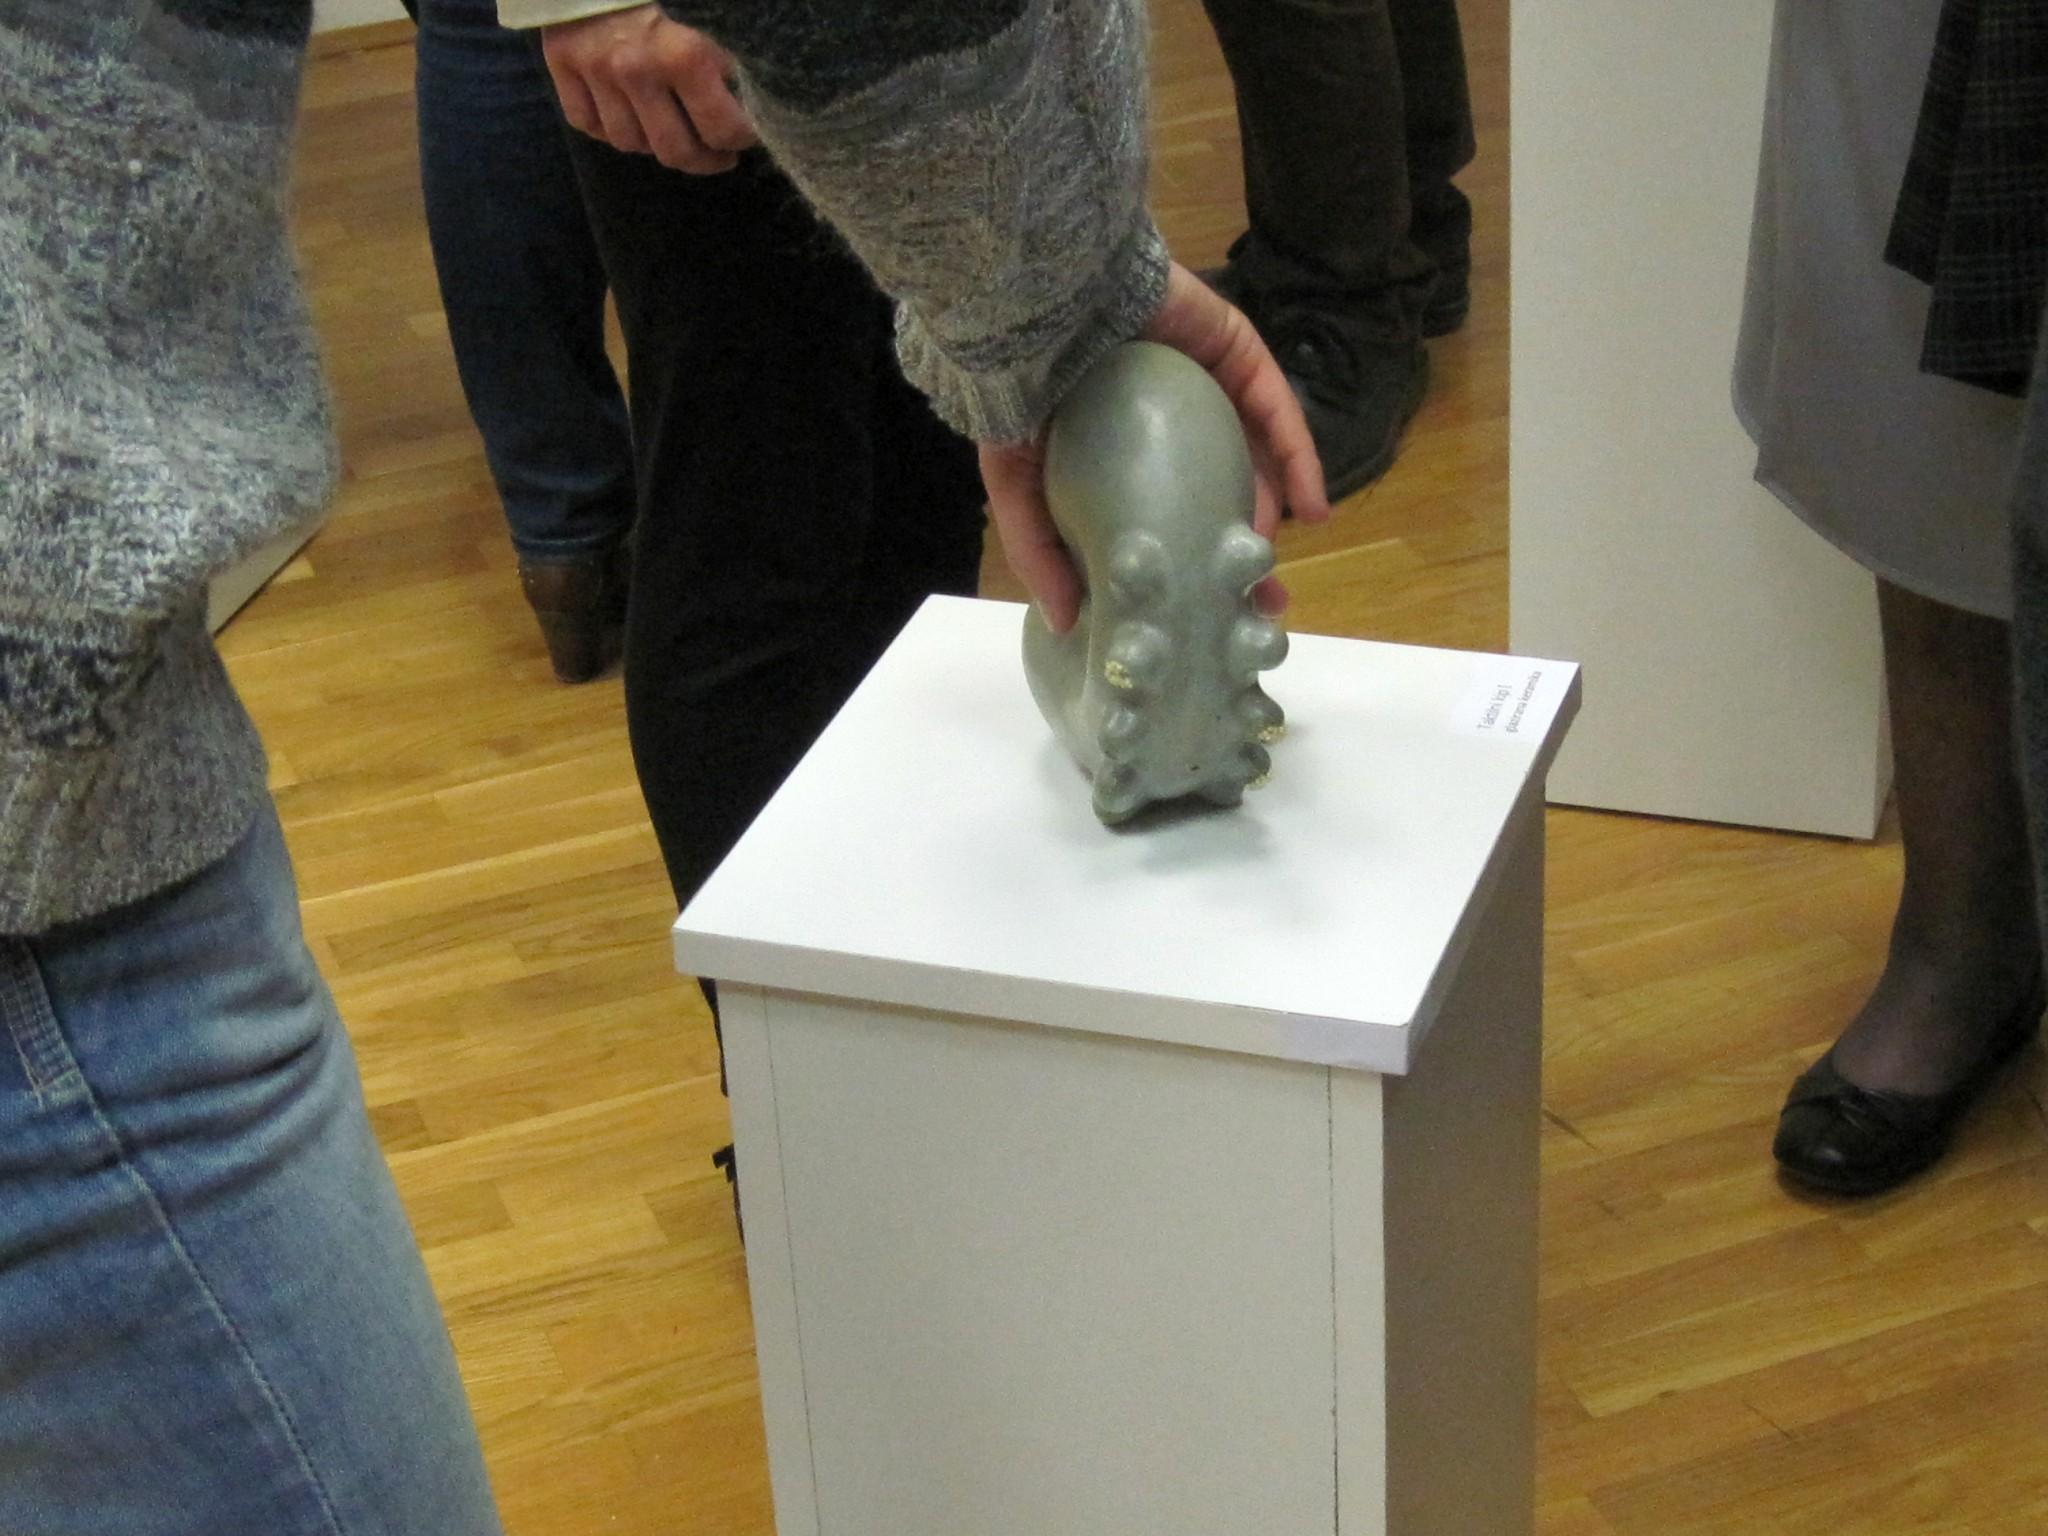 IMG 2252 - Anja Lautar - kiparska razstava